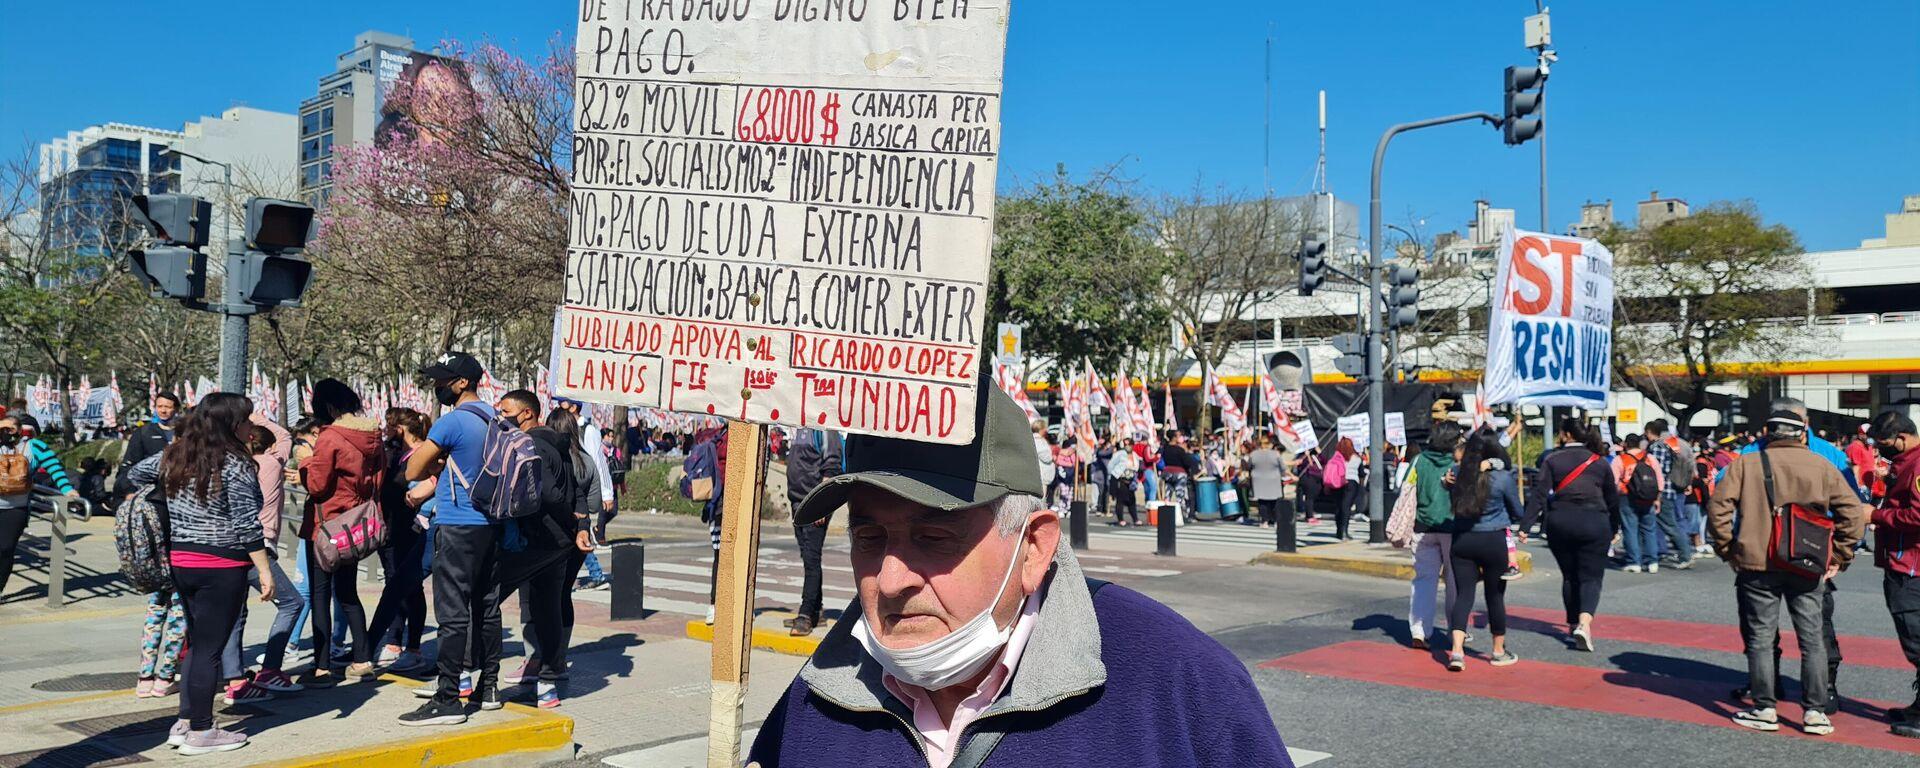 Movimientos de desocupados marchan en Argentina - Sputnik Mundo, 1920, 16.09.2021